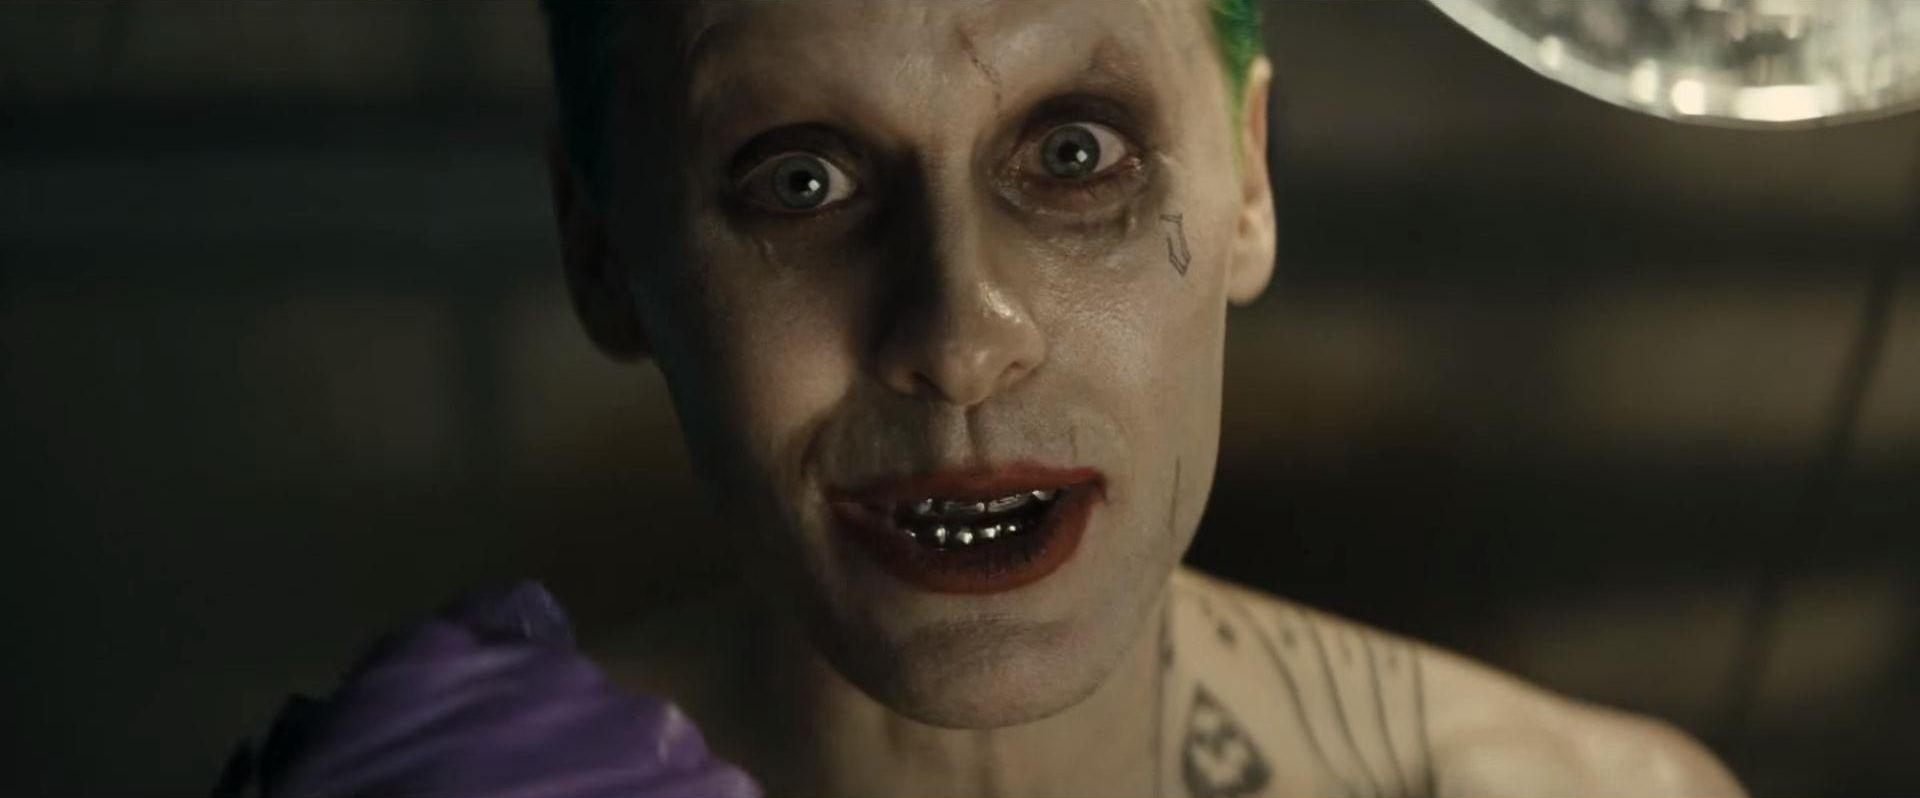 VIDEO: NOVI TRAILER 'SUICIDE SQUADA' Preuzima li Joker glavnu ulogu?